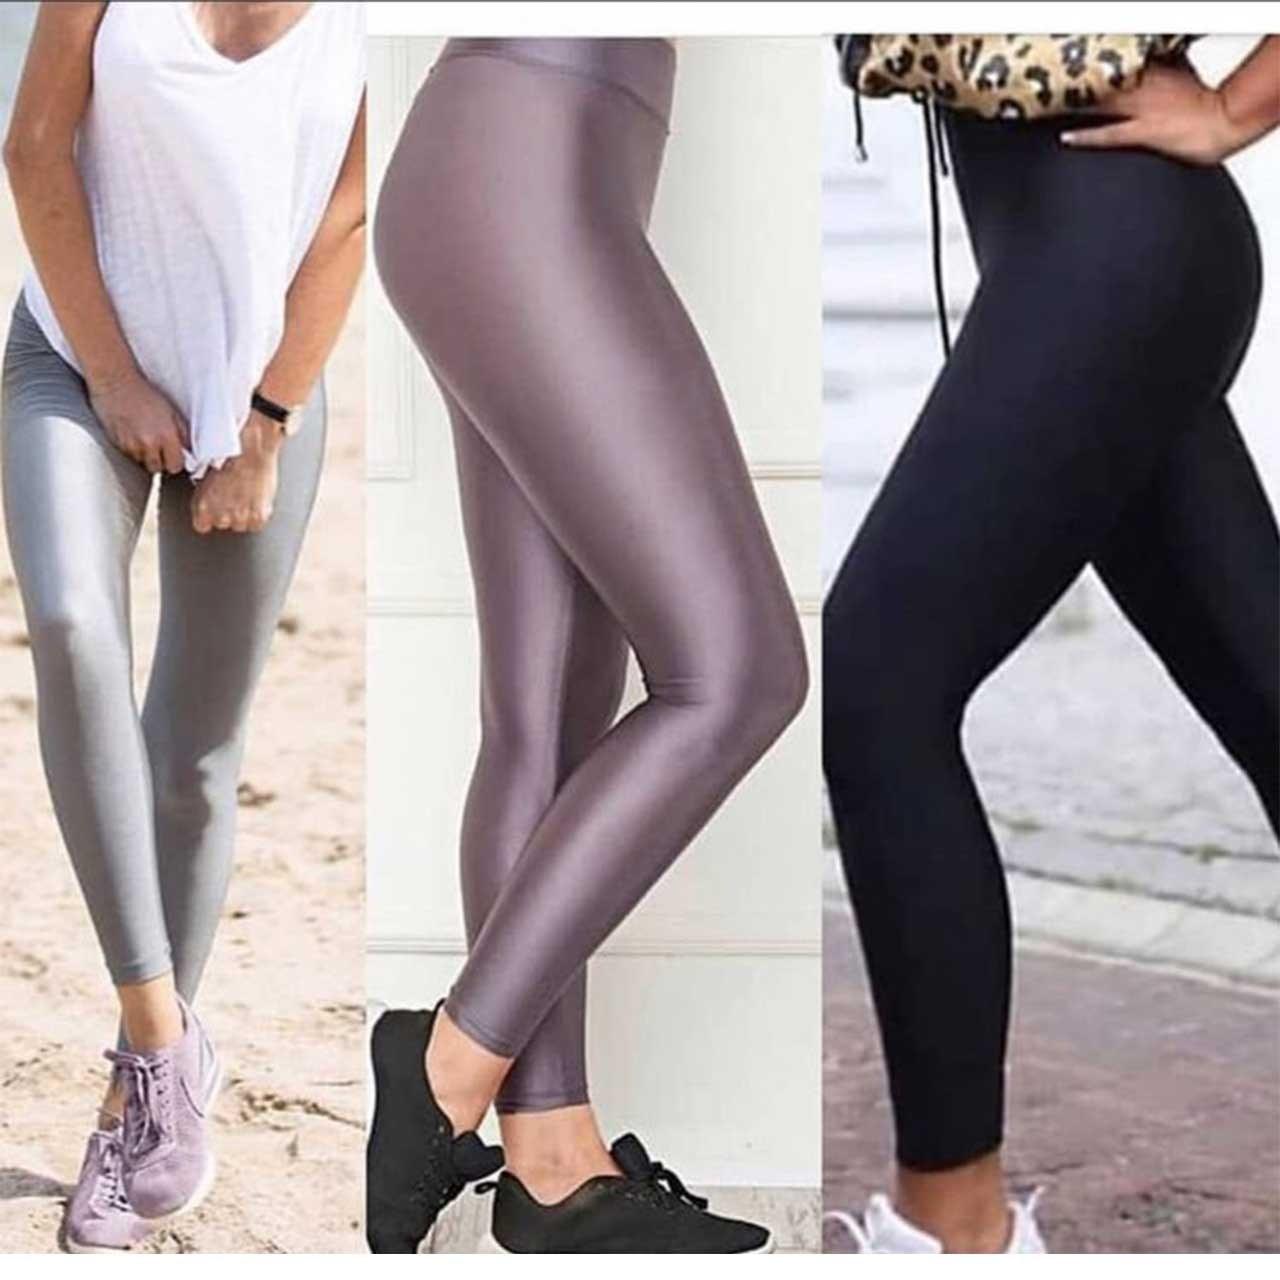 تیپ پیاده روی دخترانهکفش ورزشی مناسب, لباس ورزشی مناسب برای دویدن, پارچه مناسب لباس ورزشی